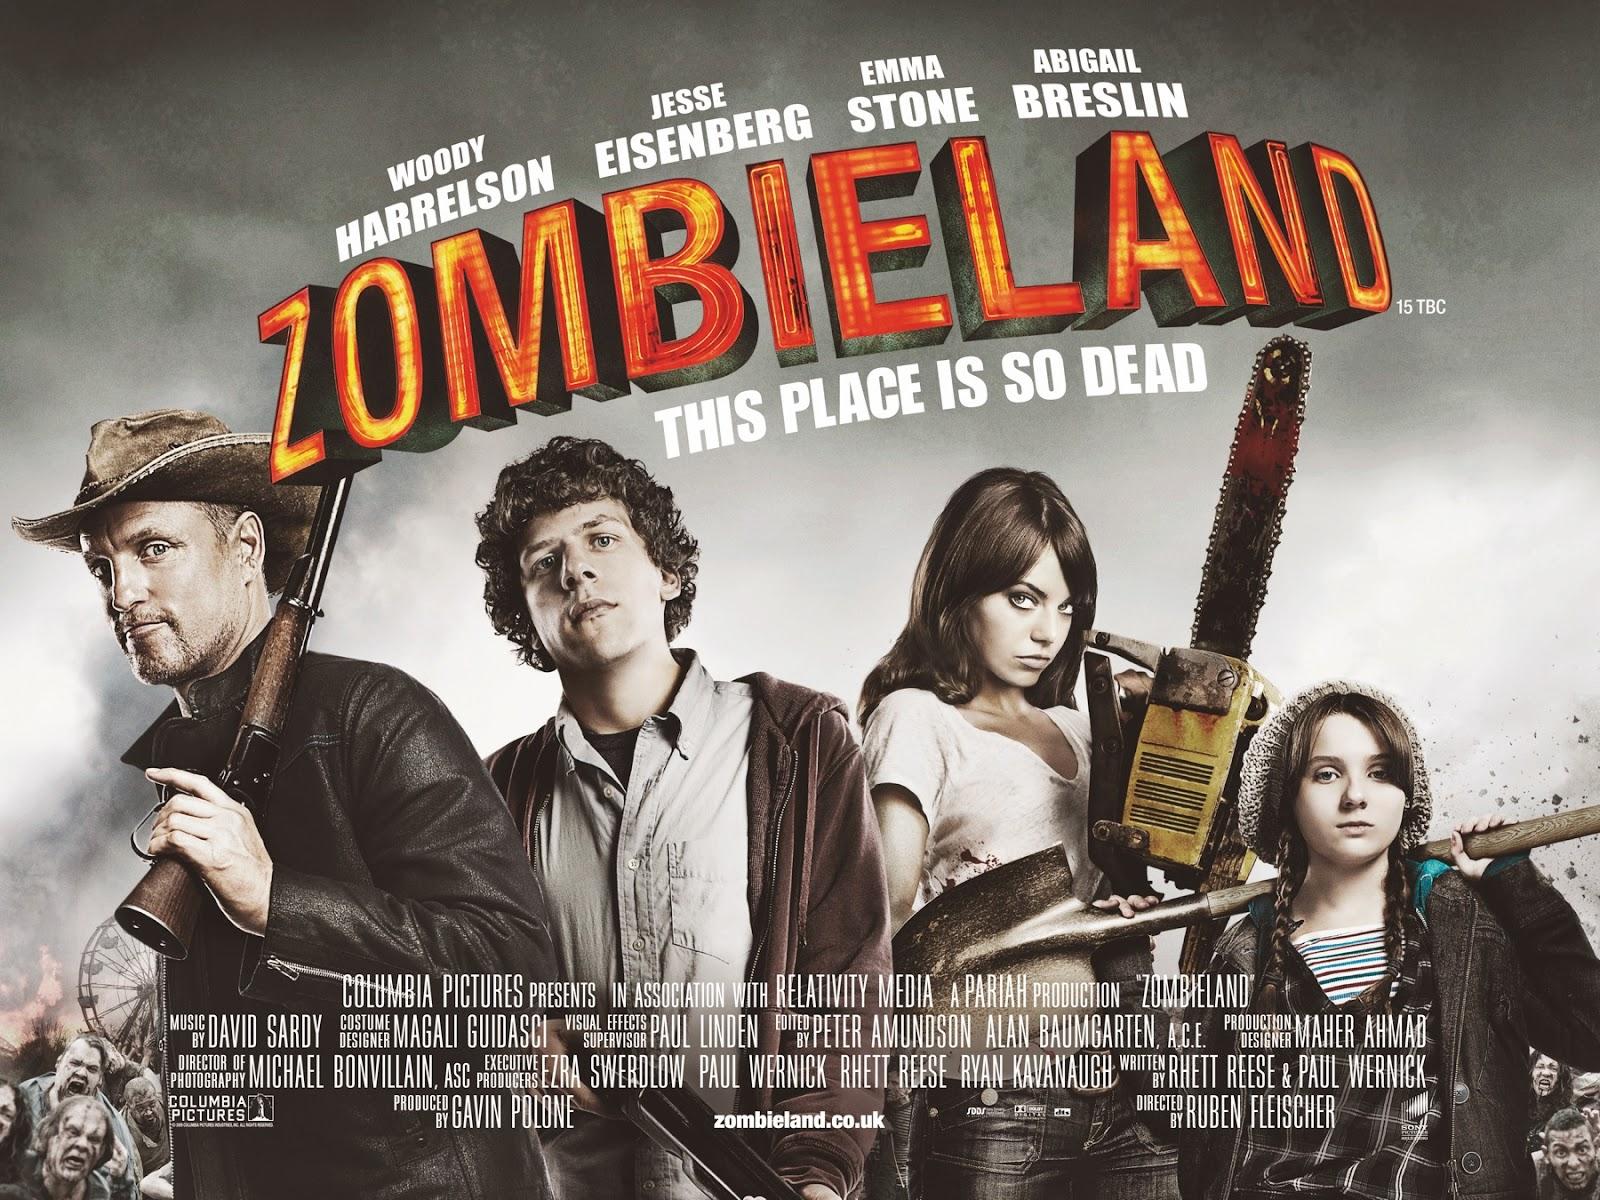 http://www.imdb.com/title/tt1156398/?ref_=nv_sr_1